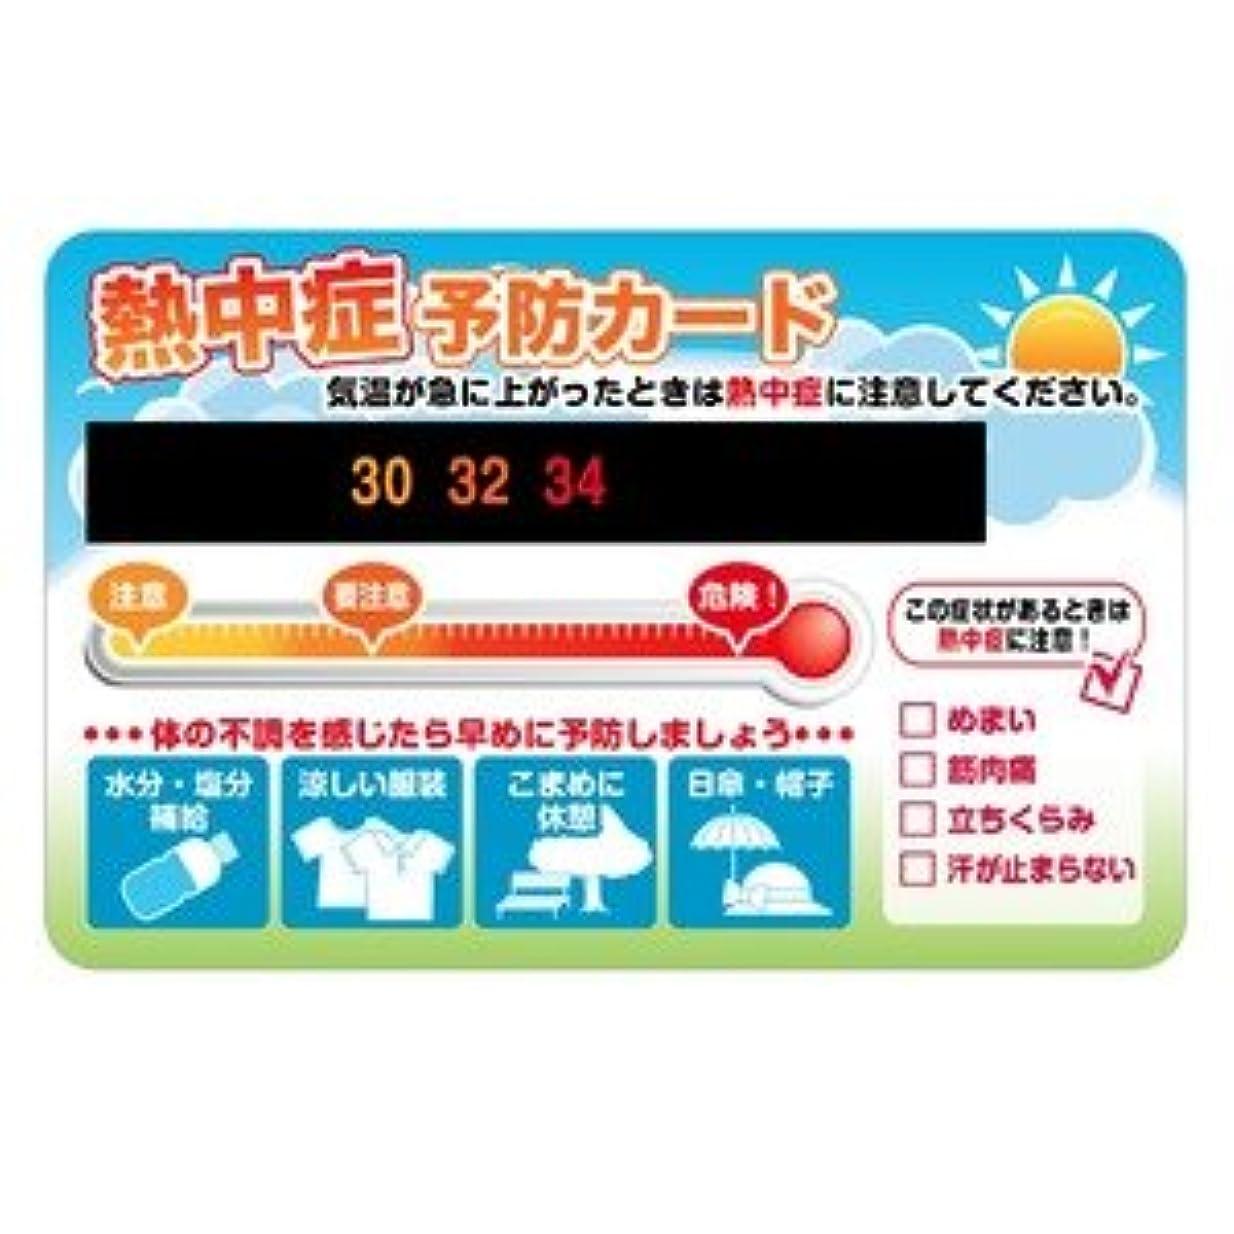 テーブル額控える熱中症予防カード?NE2 【100枚セット】 熱中症対策